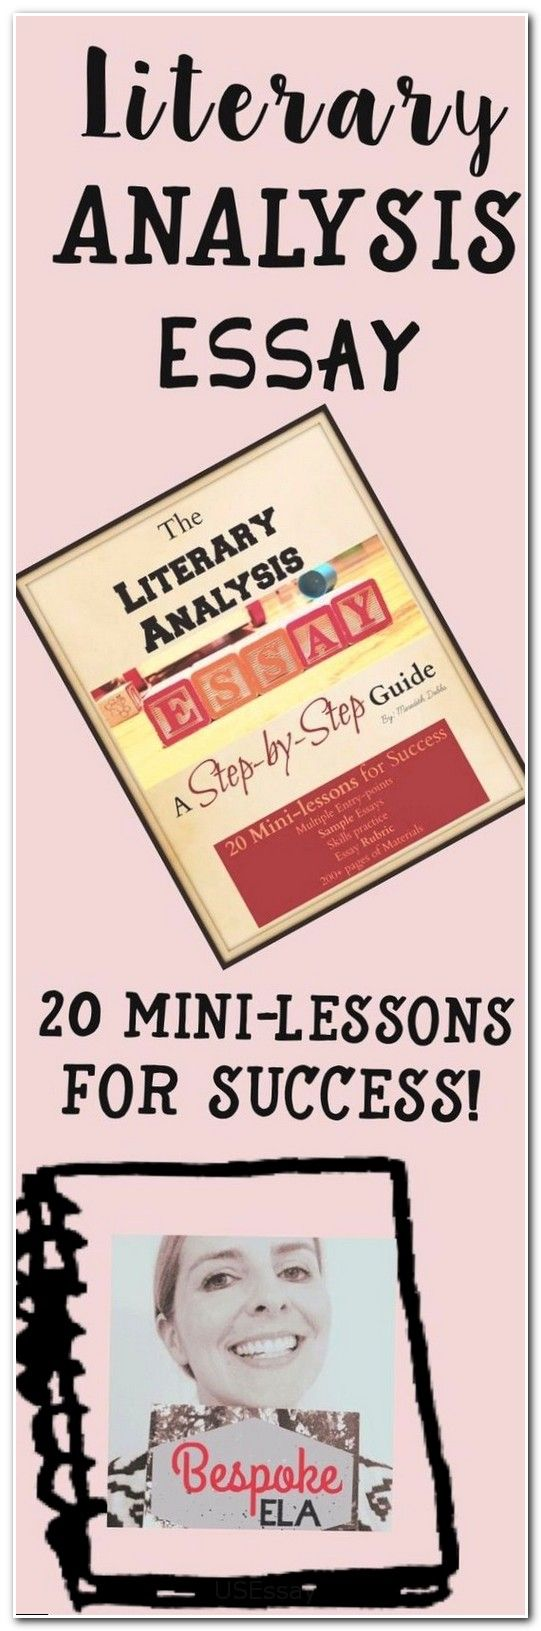 Statistical methods homework help